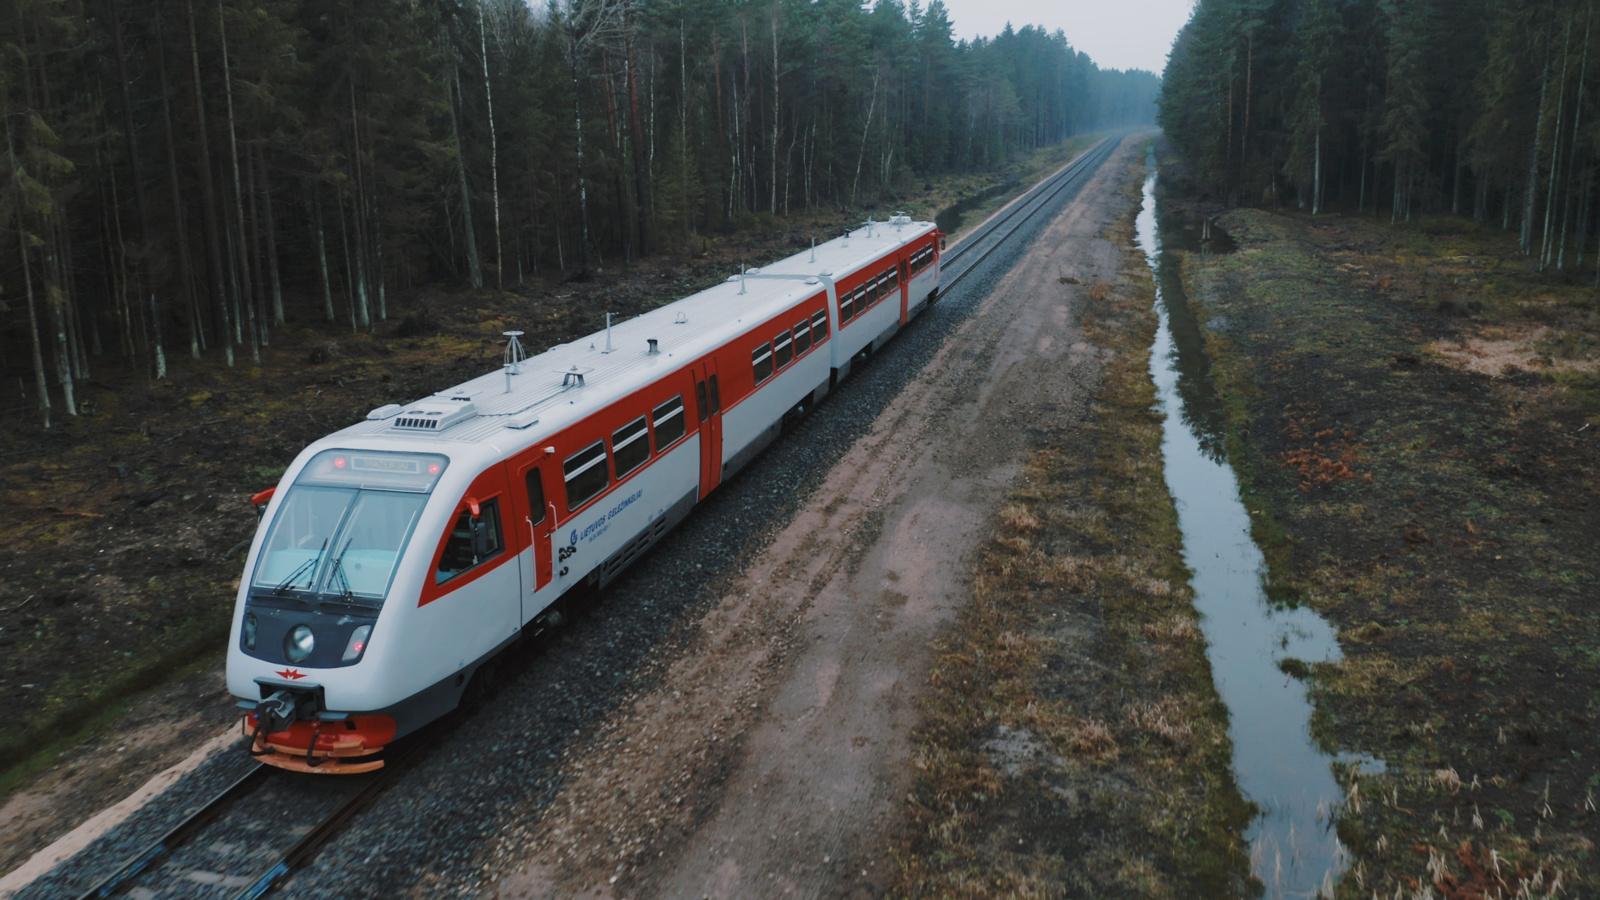 Savaitgalį išriedės pirmasis traukinys atstatytu geležinkelio ruožu į Rengę